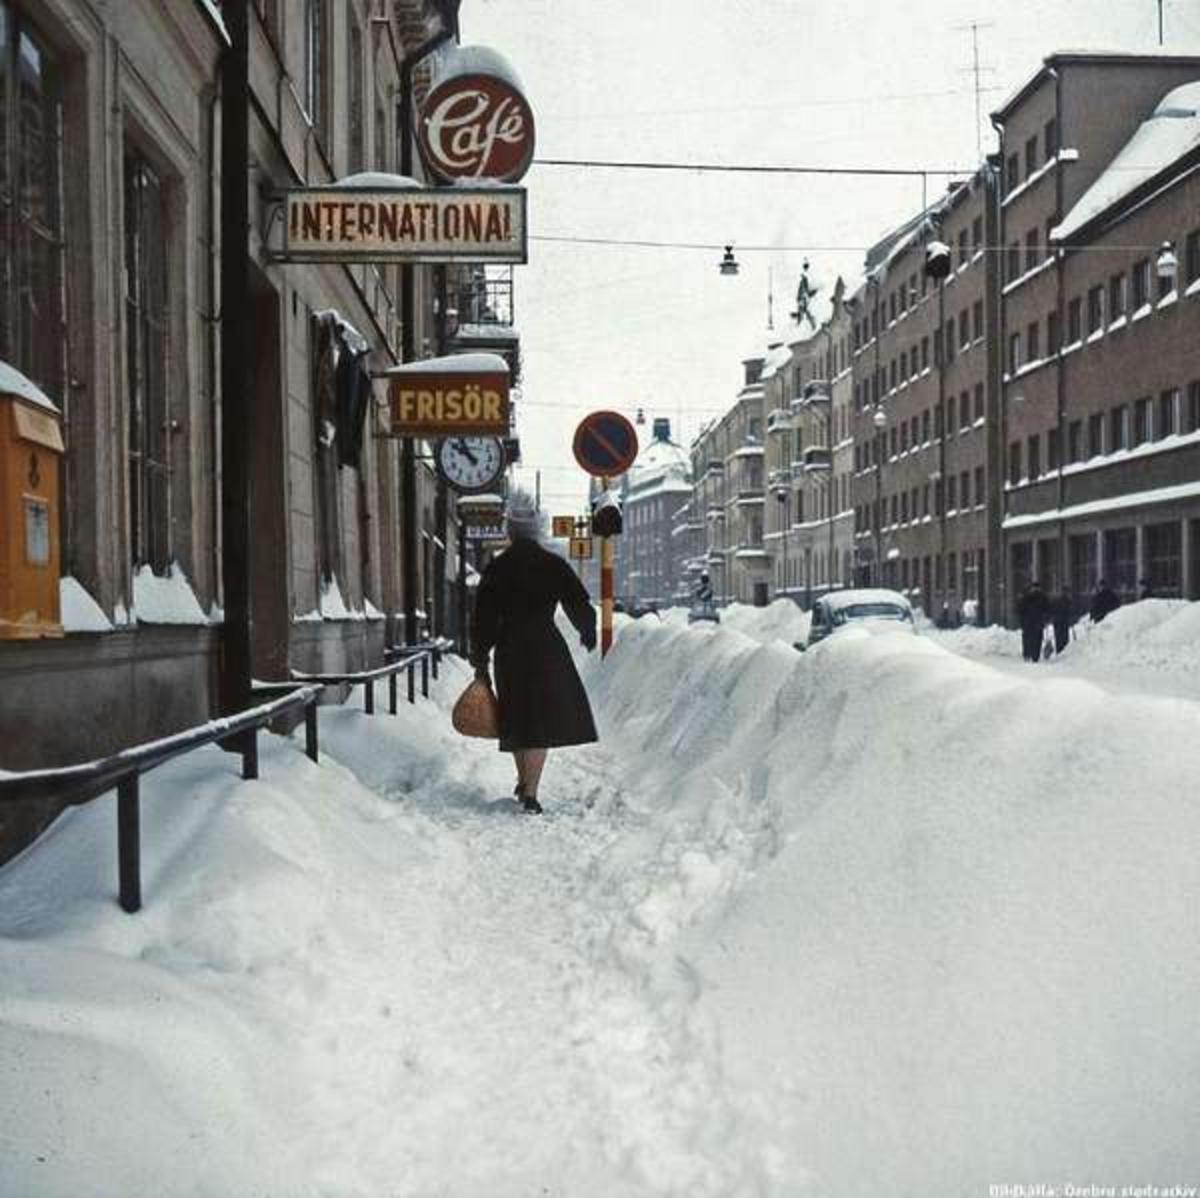 9934d26ab7e Bildspecial: Vinter genom åren i Örebro